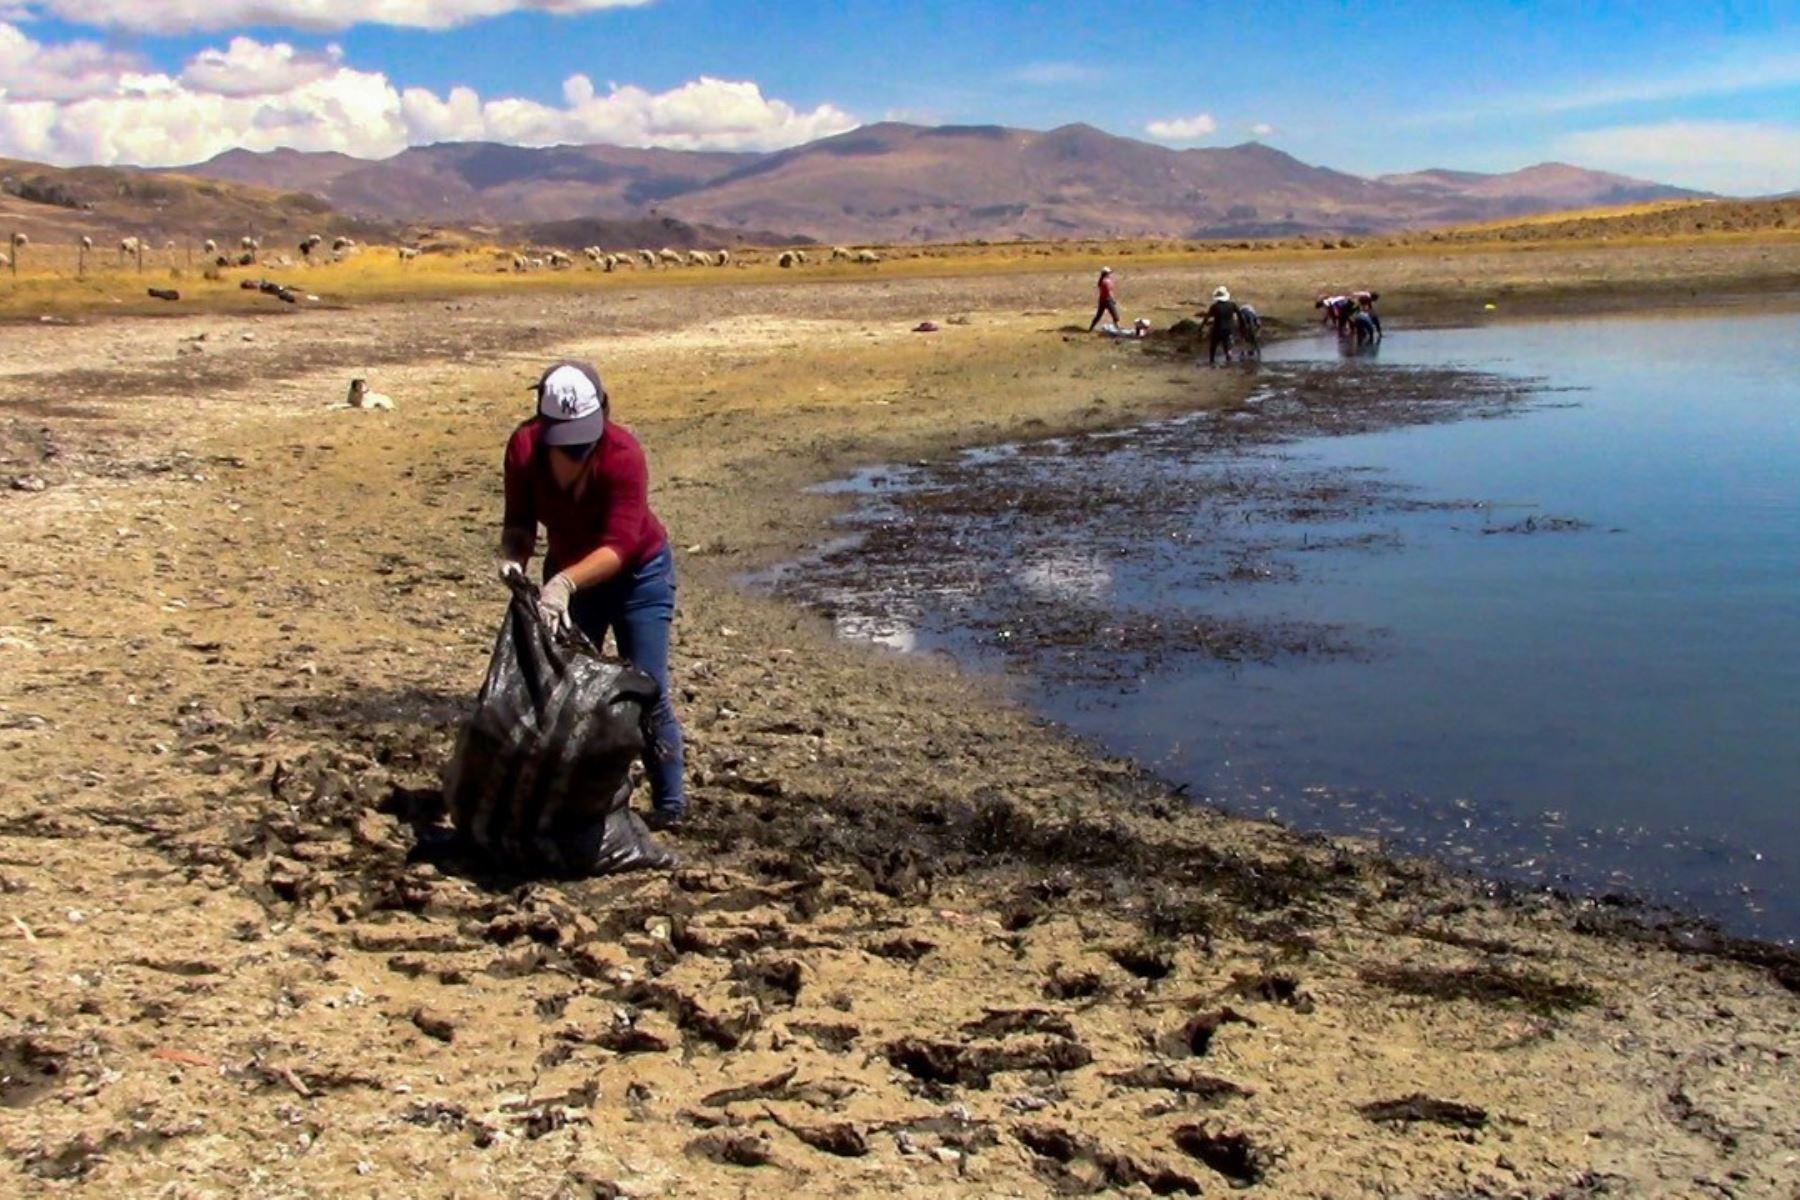 Ancashinos dan el ejemplo y se unen para limpiar la hermosa laguna Wilcacocha, ubicada en el Callejón de Huaylas, en la sierra de Áncash.  Foto: ANDINA/Dircetur Ancash